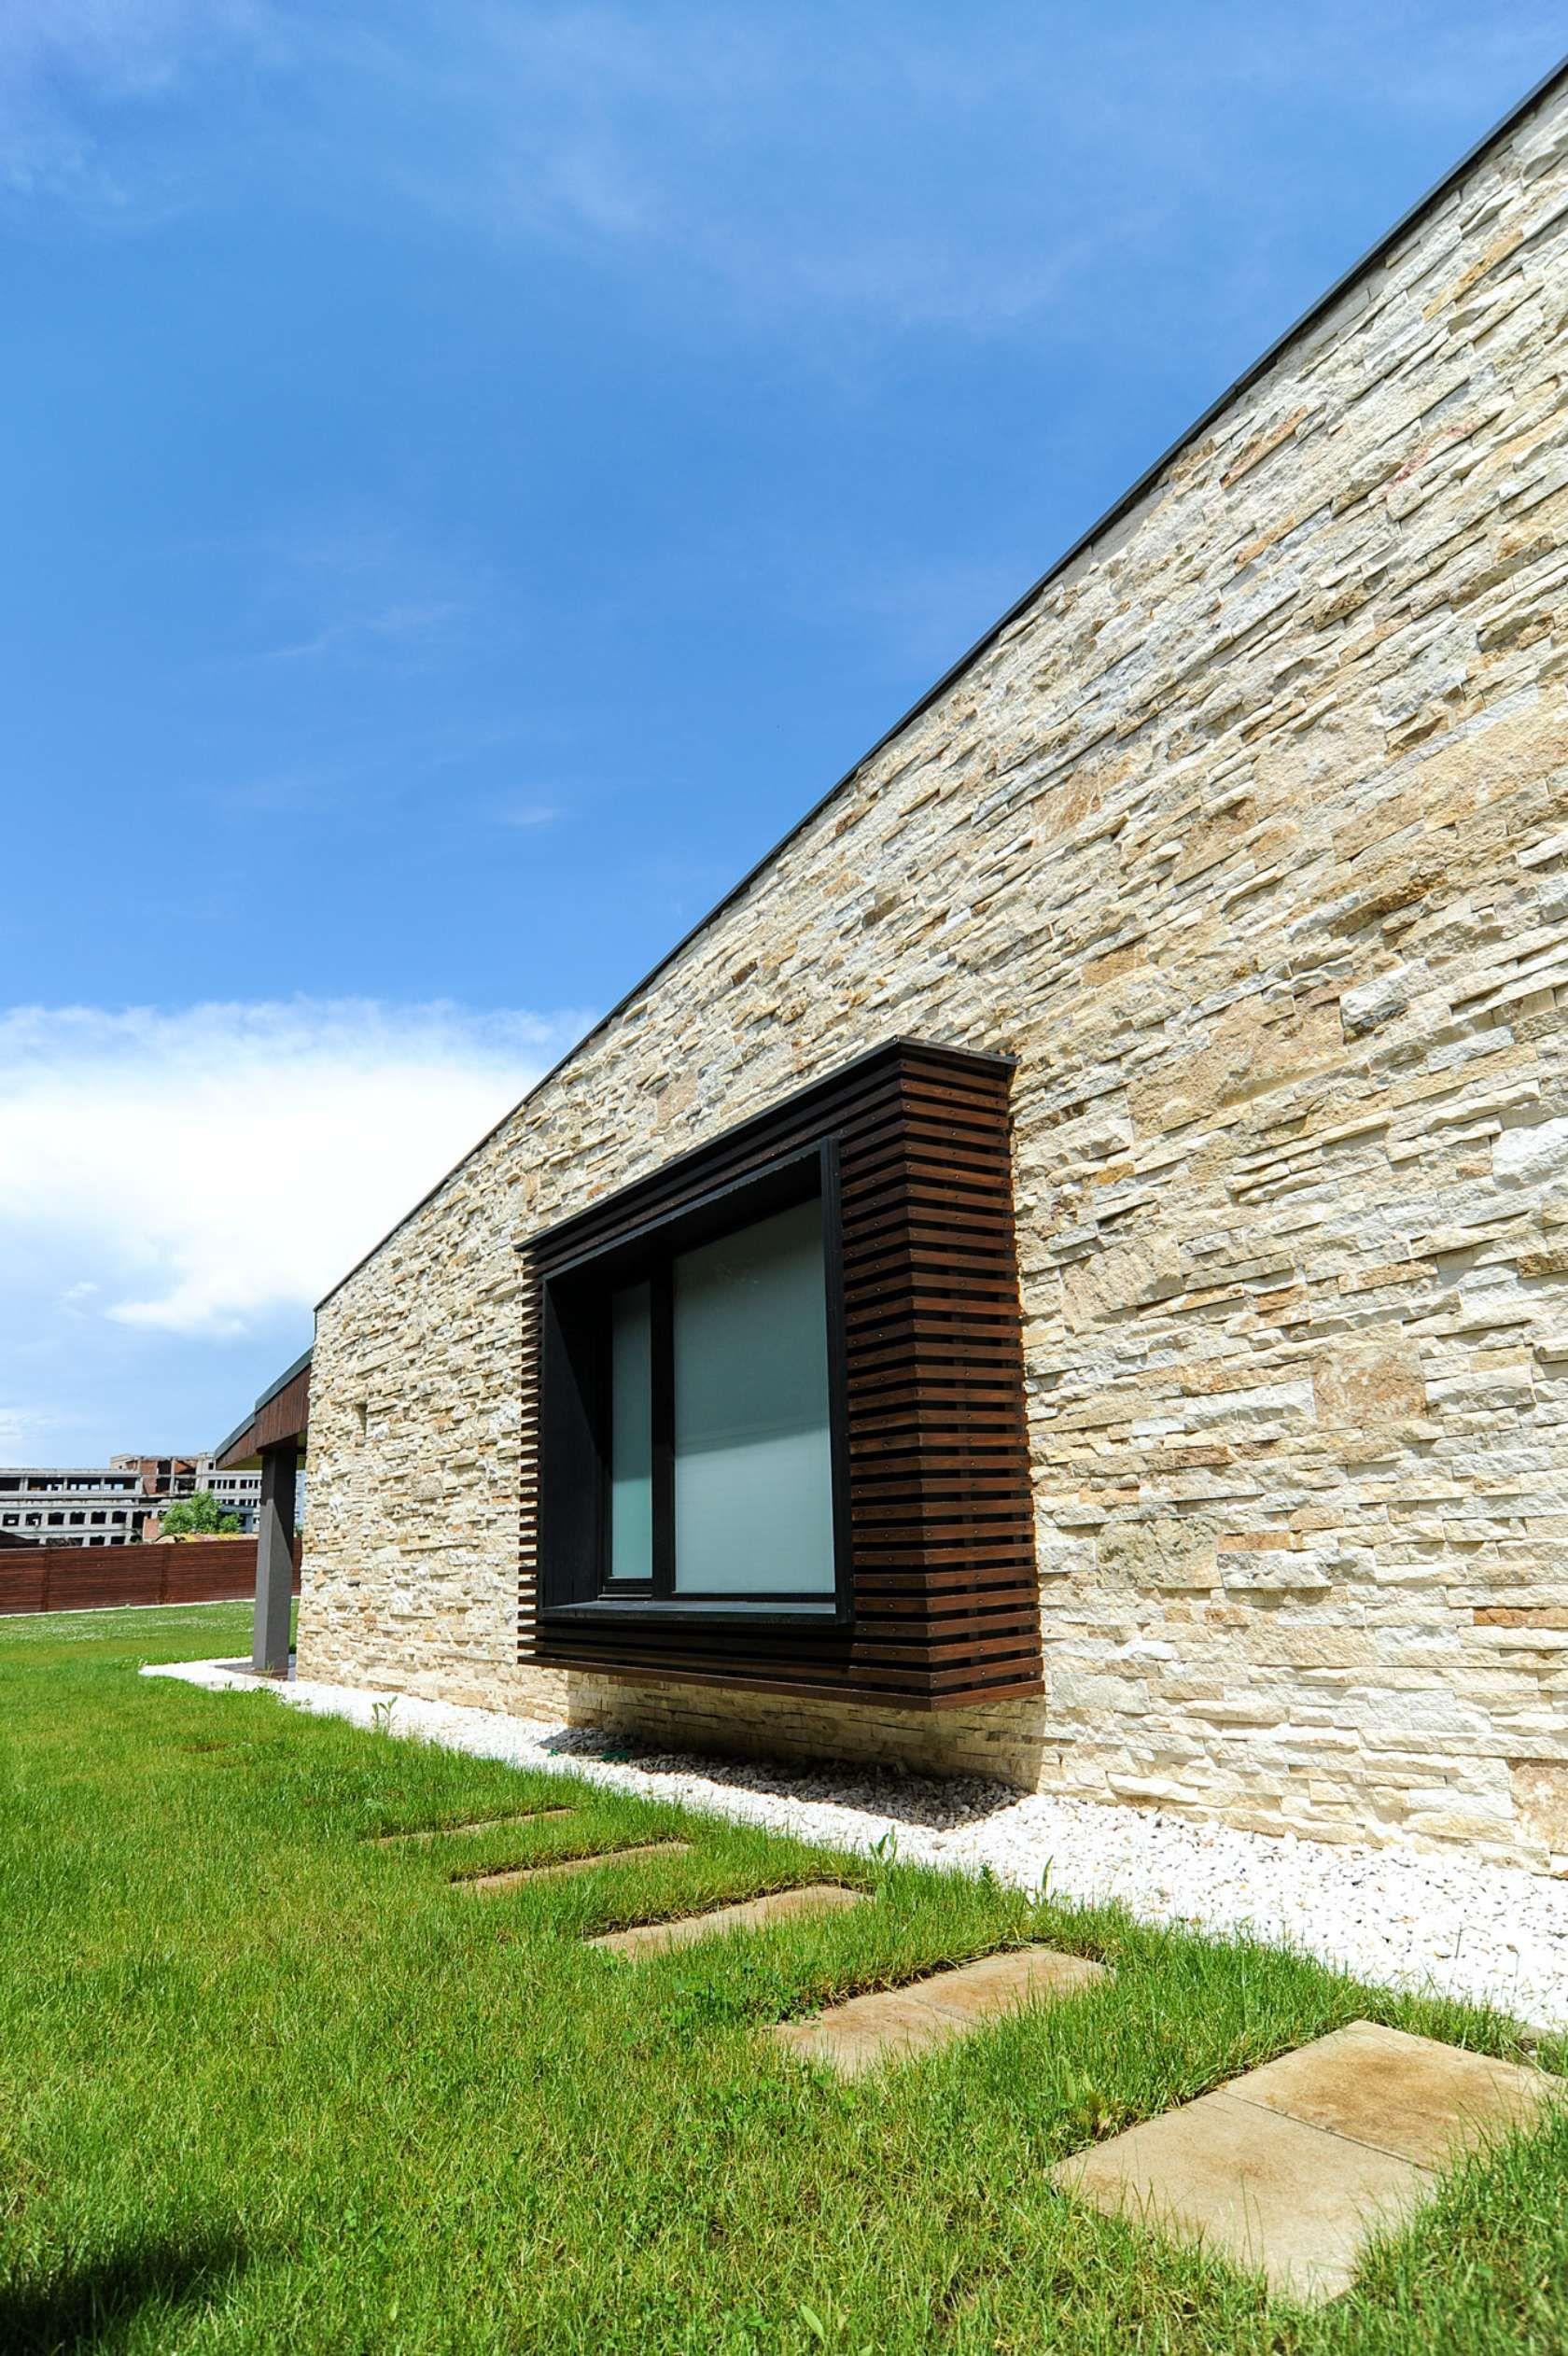 Dise O De Casa Moderna De Dos Pisos Impactante Fachada De Madera  # Muebles Sequeira Plasencia